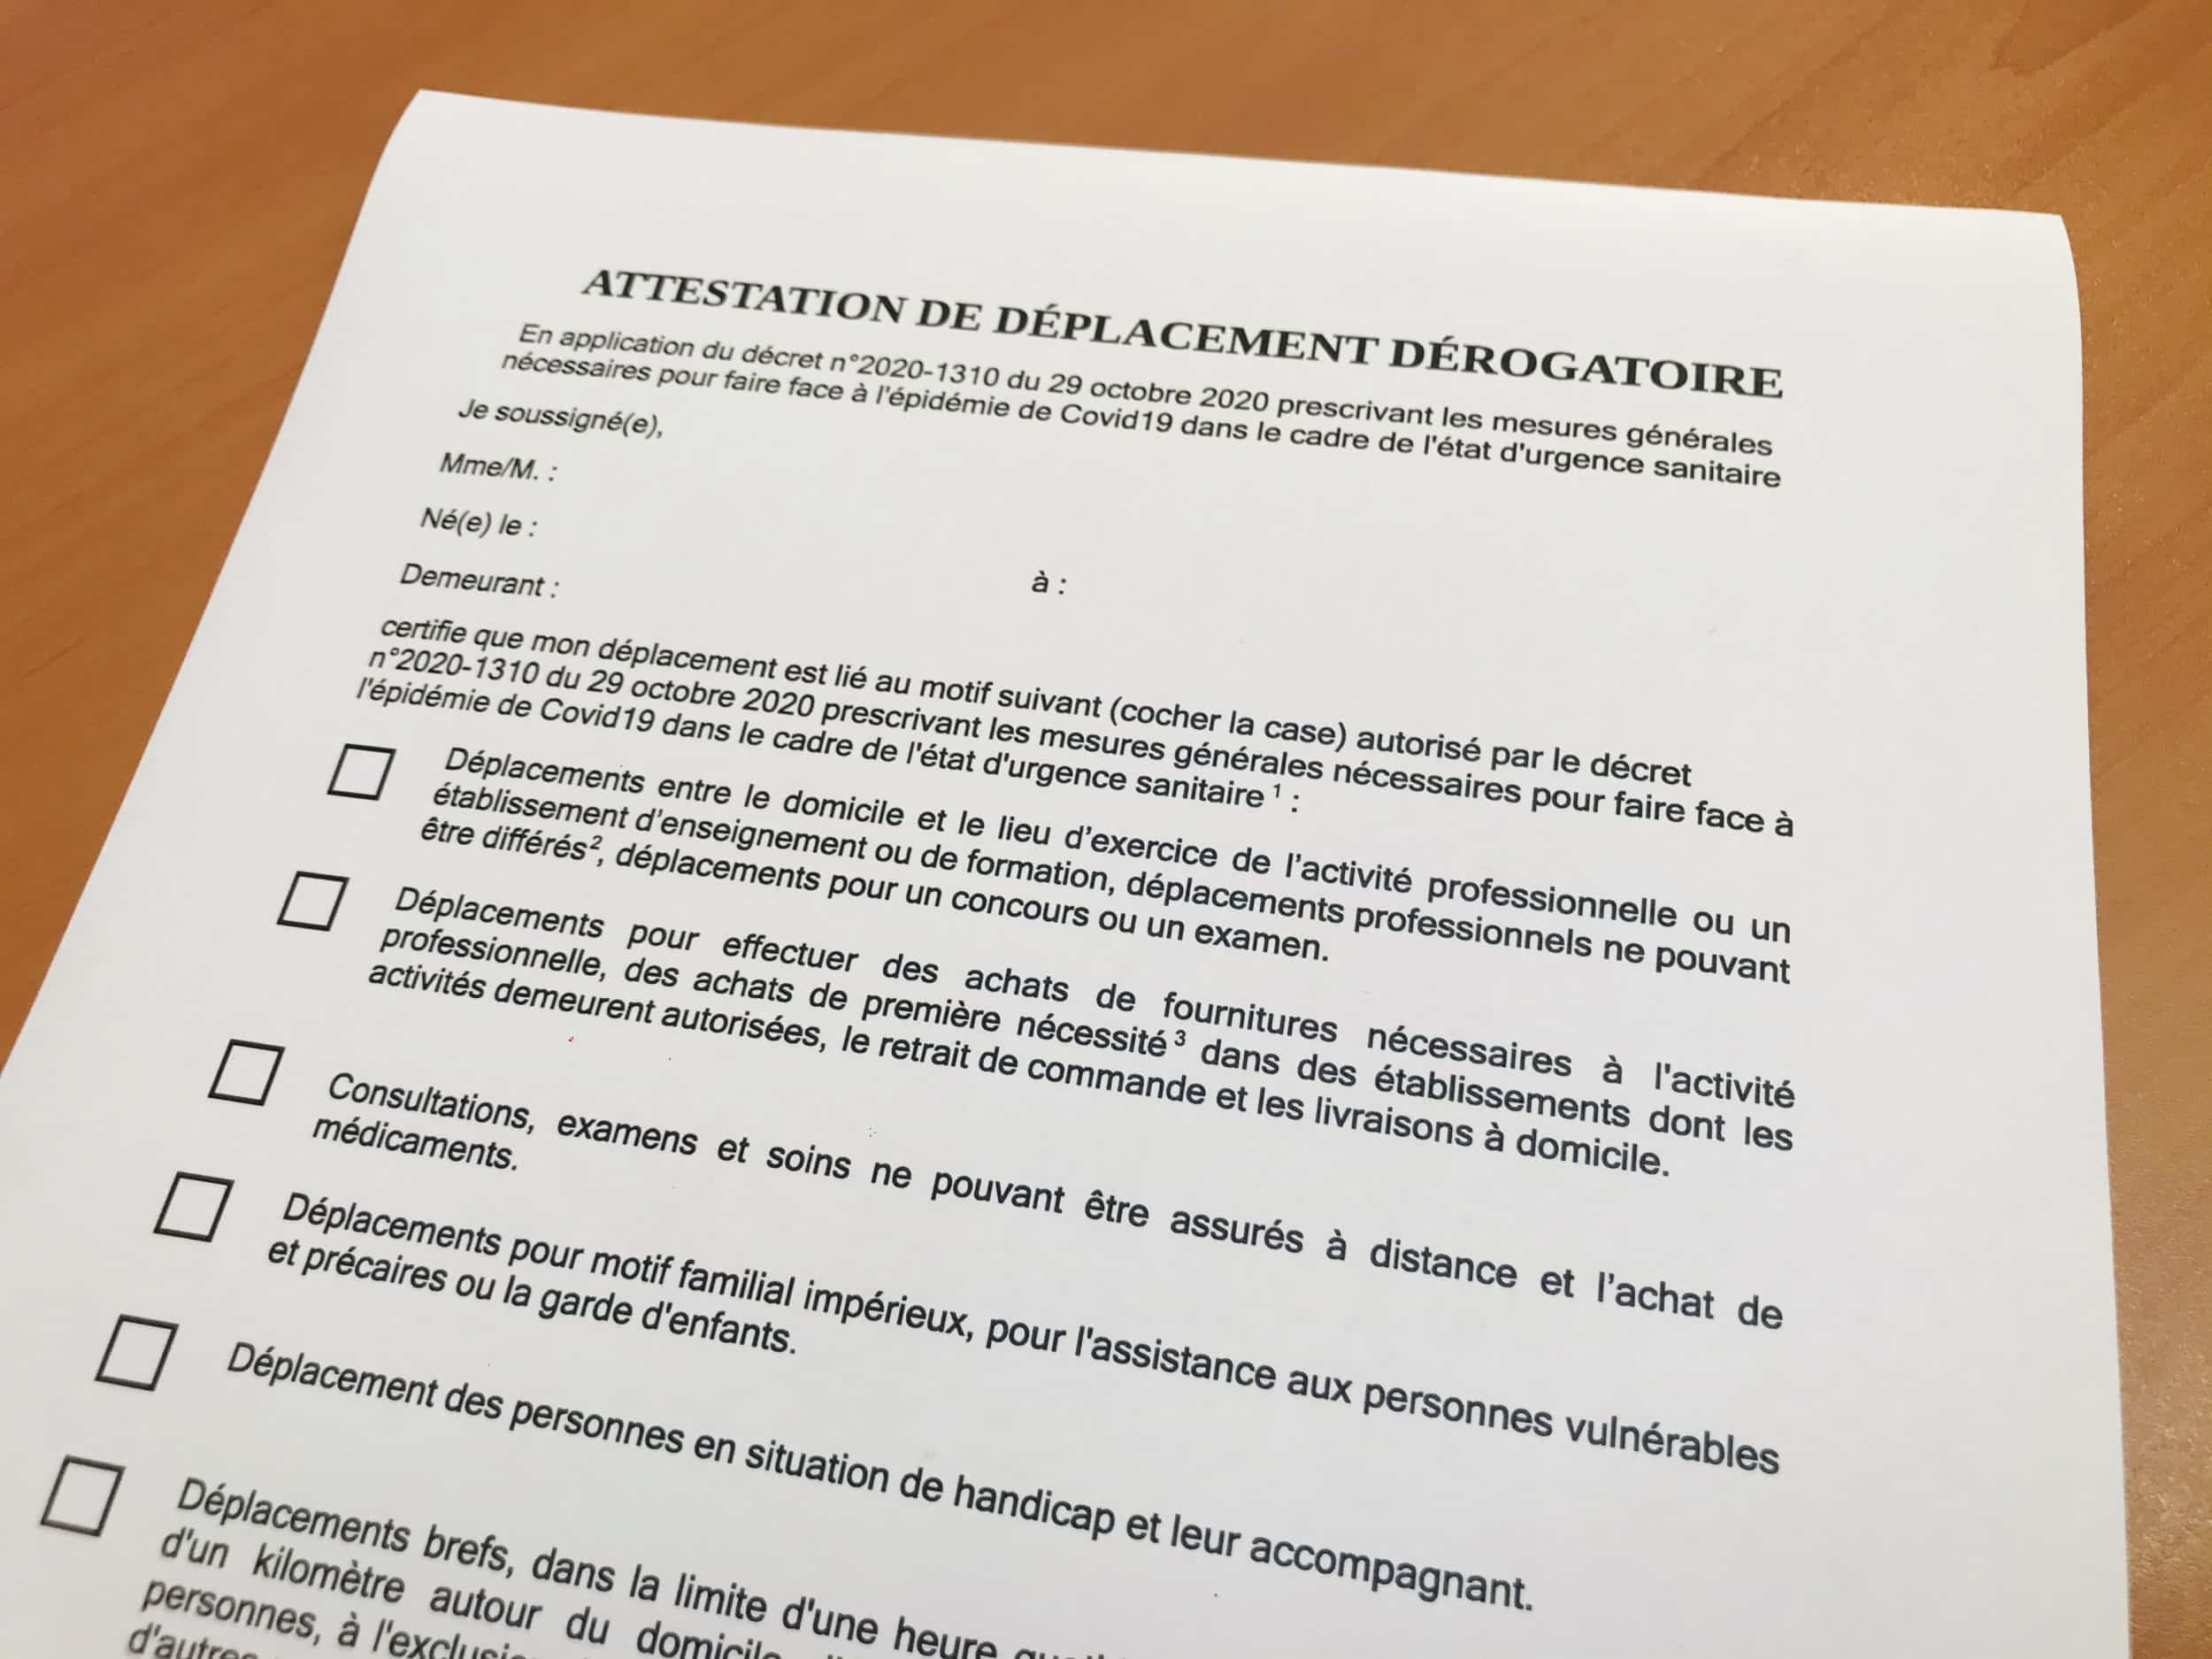 Attestation De Deplacement Derogatoire Et Justificatifs De Deplacement